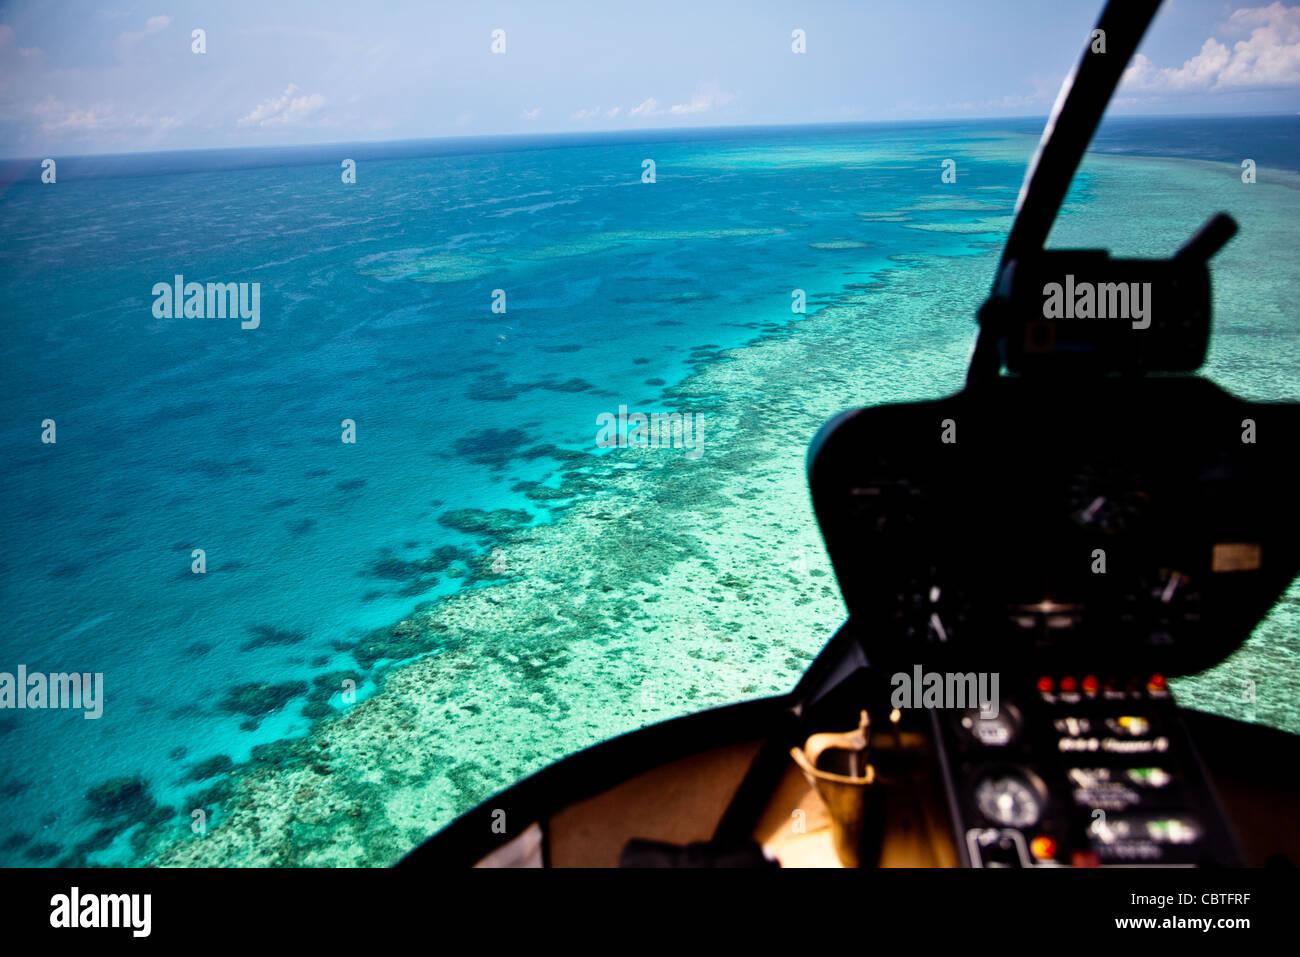 Luftaufnahmen Mit Helikopter Innenraum über Die Atemberaubende Great  Barrier Reef, Australien.